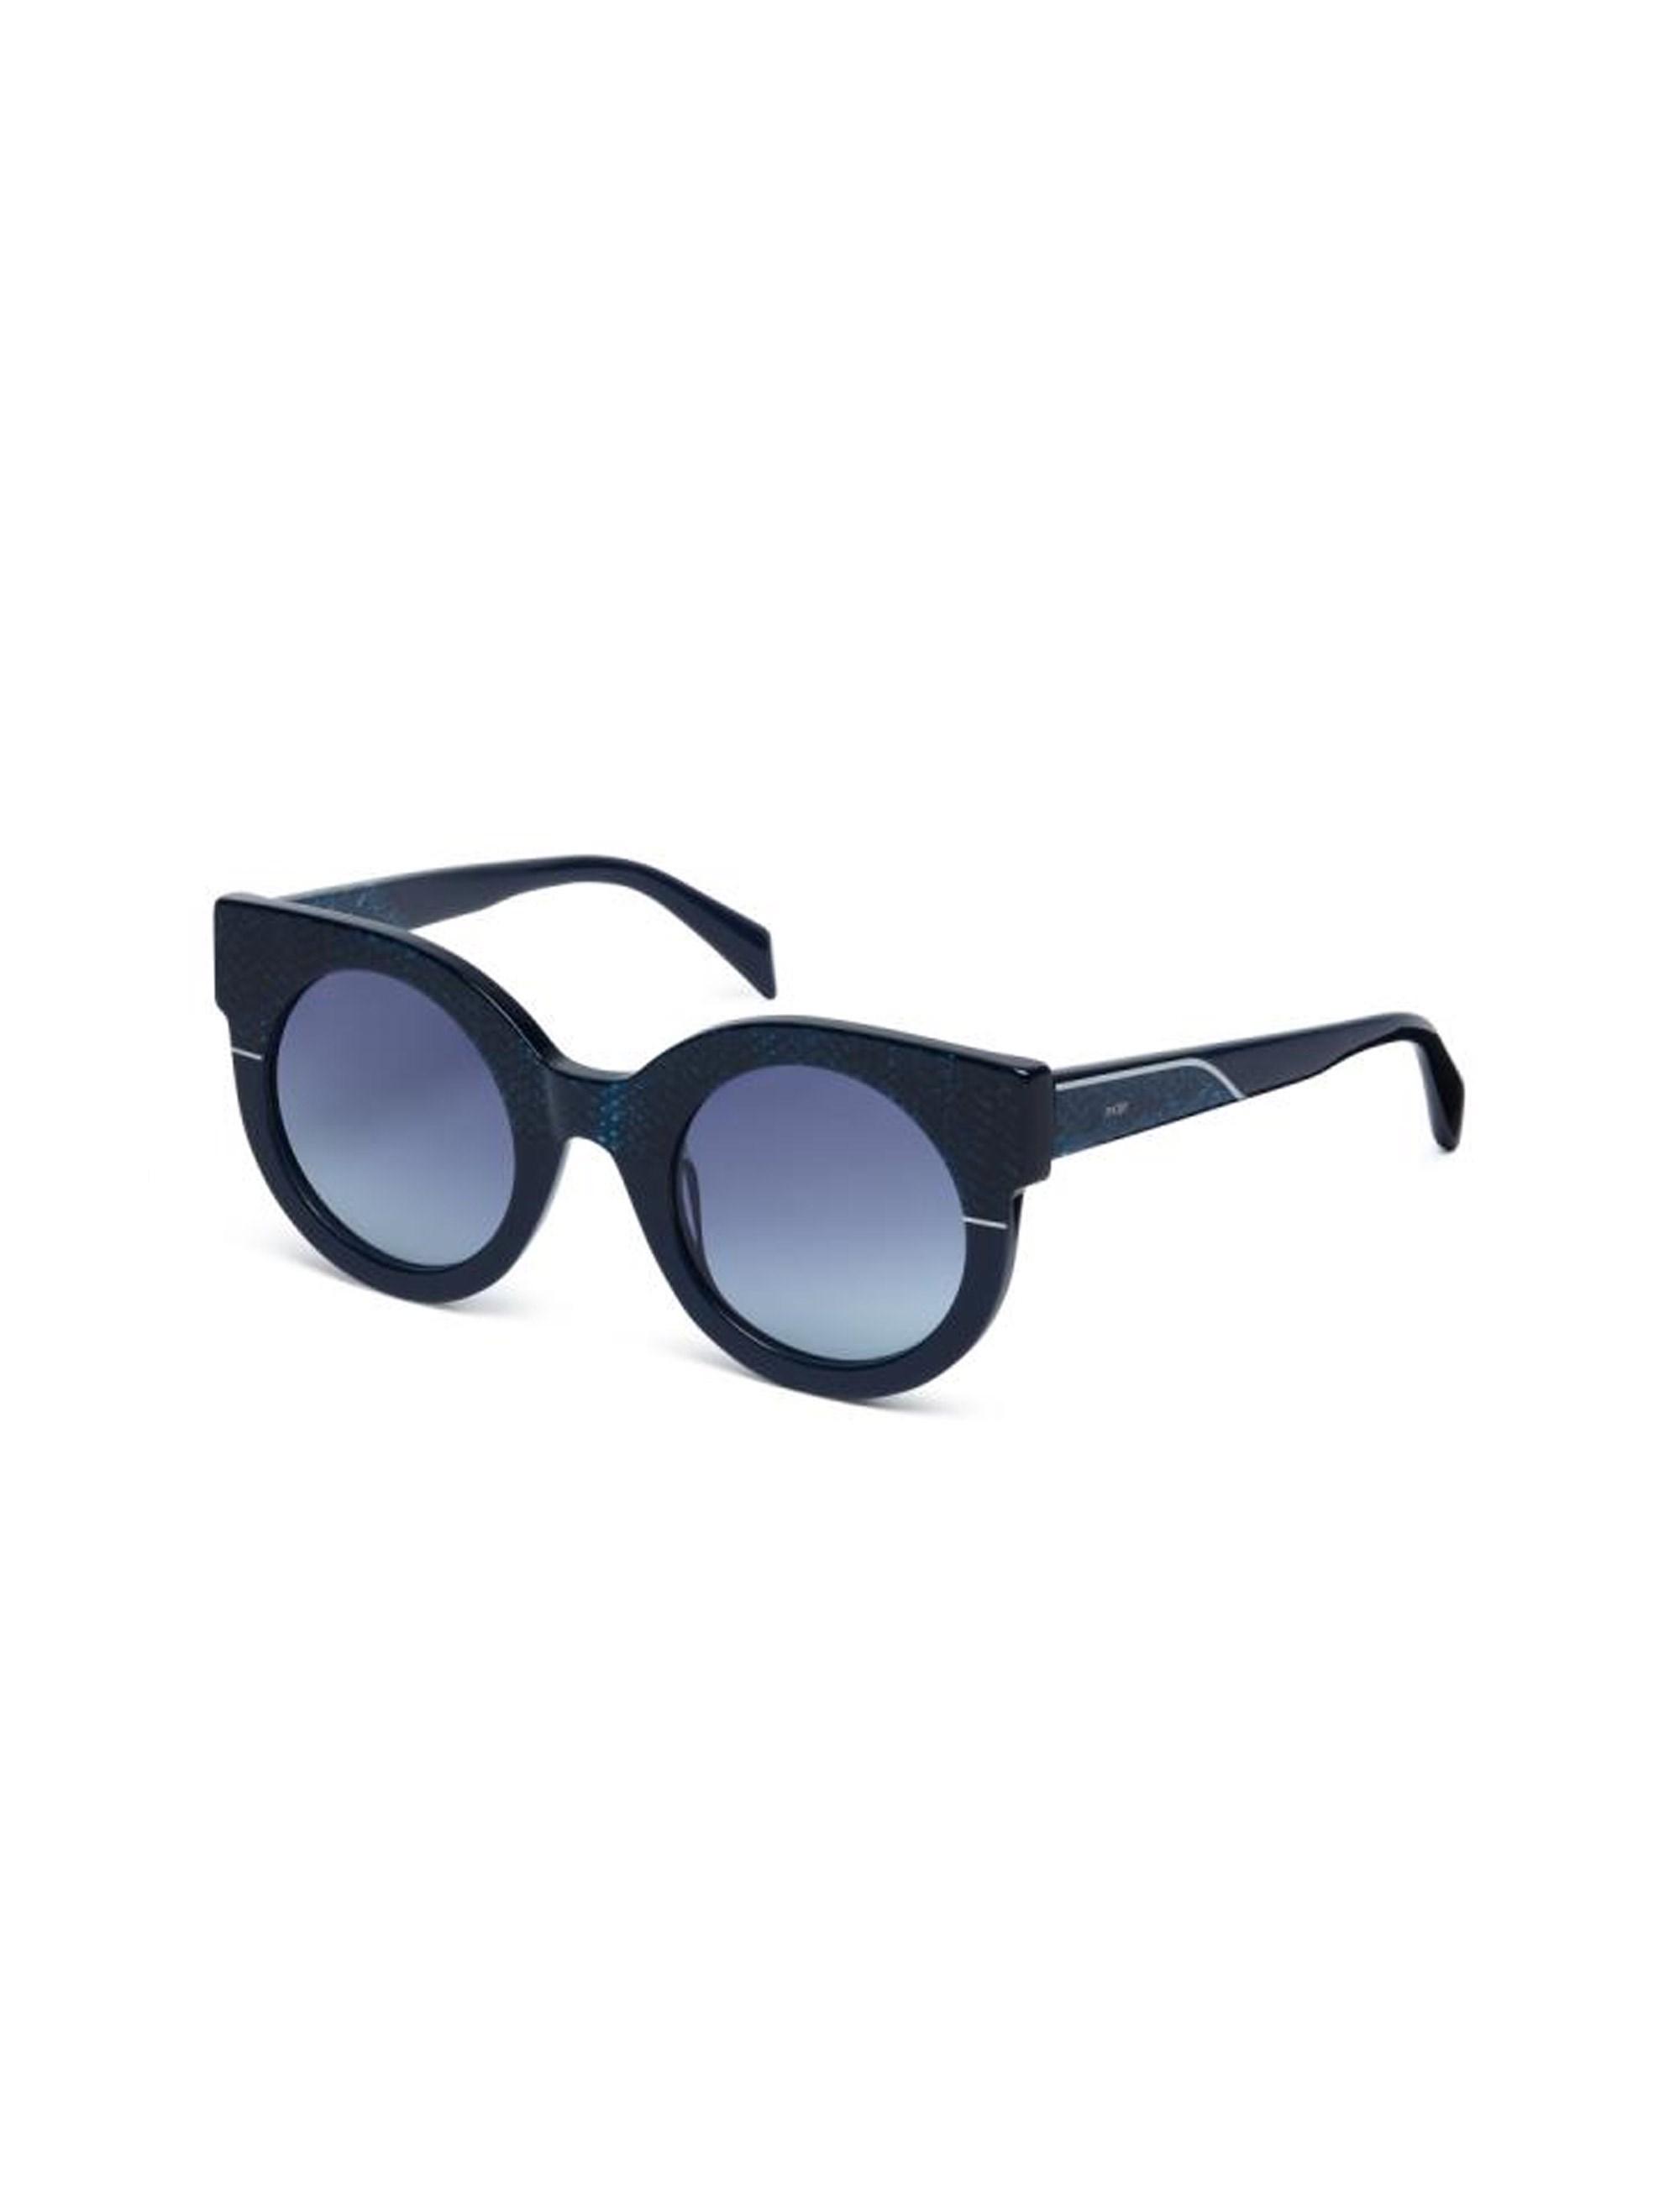 قیمت عینک آفتابی گربه ای زنانه - ماژ